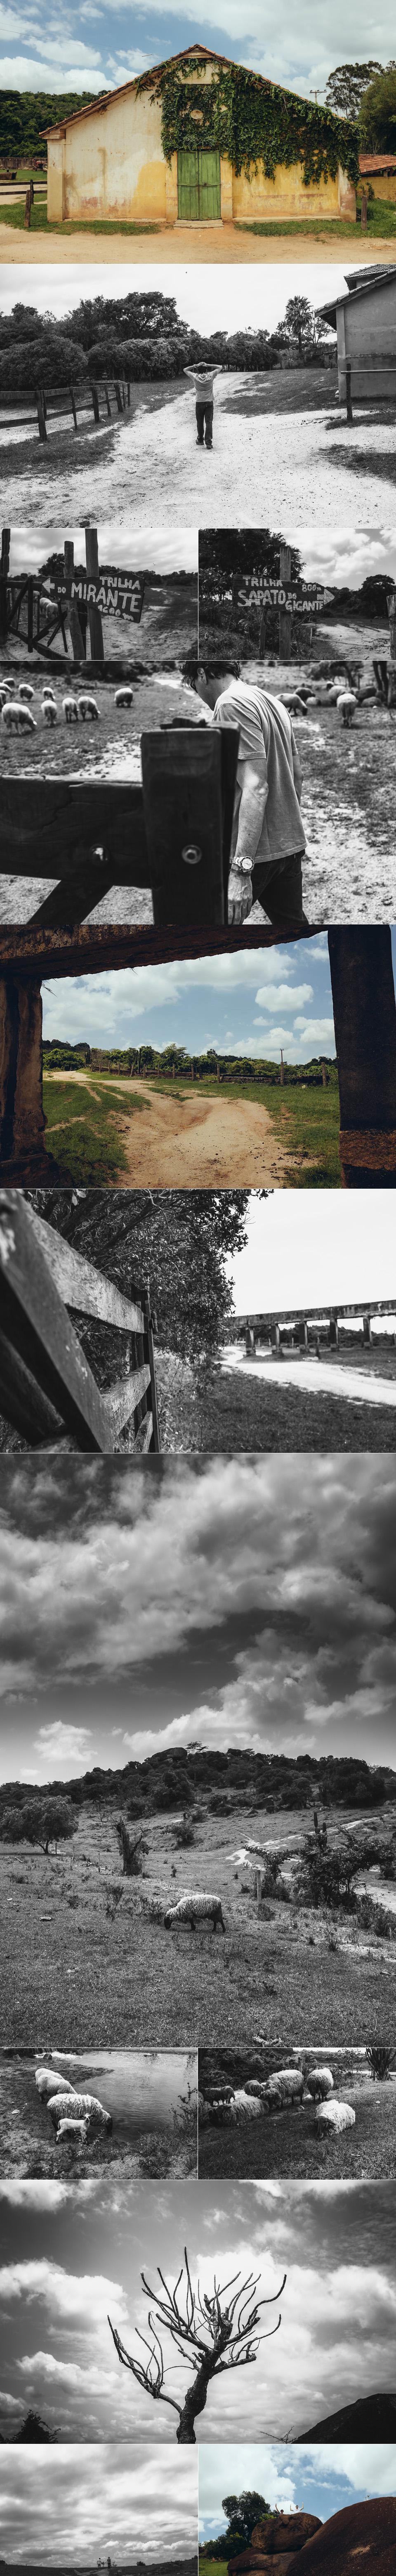 4-trilha1.jpg